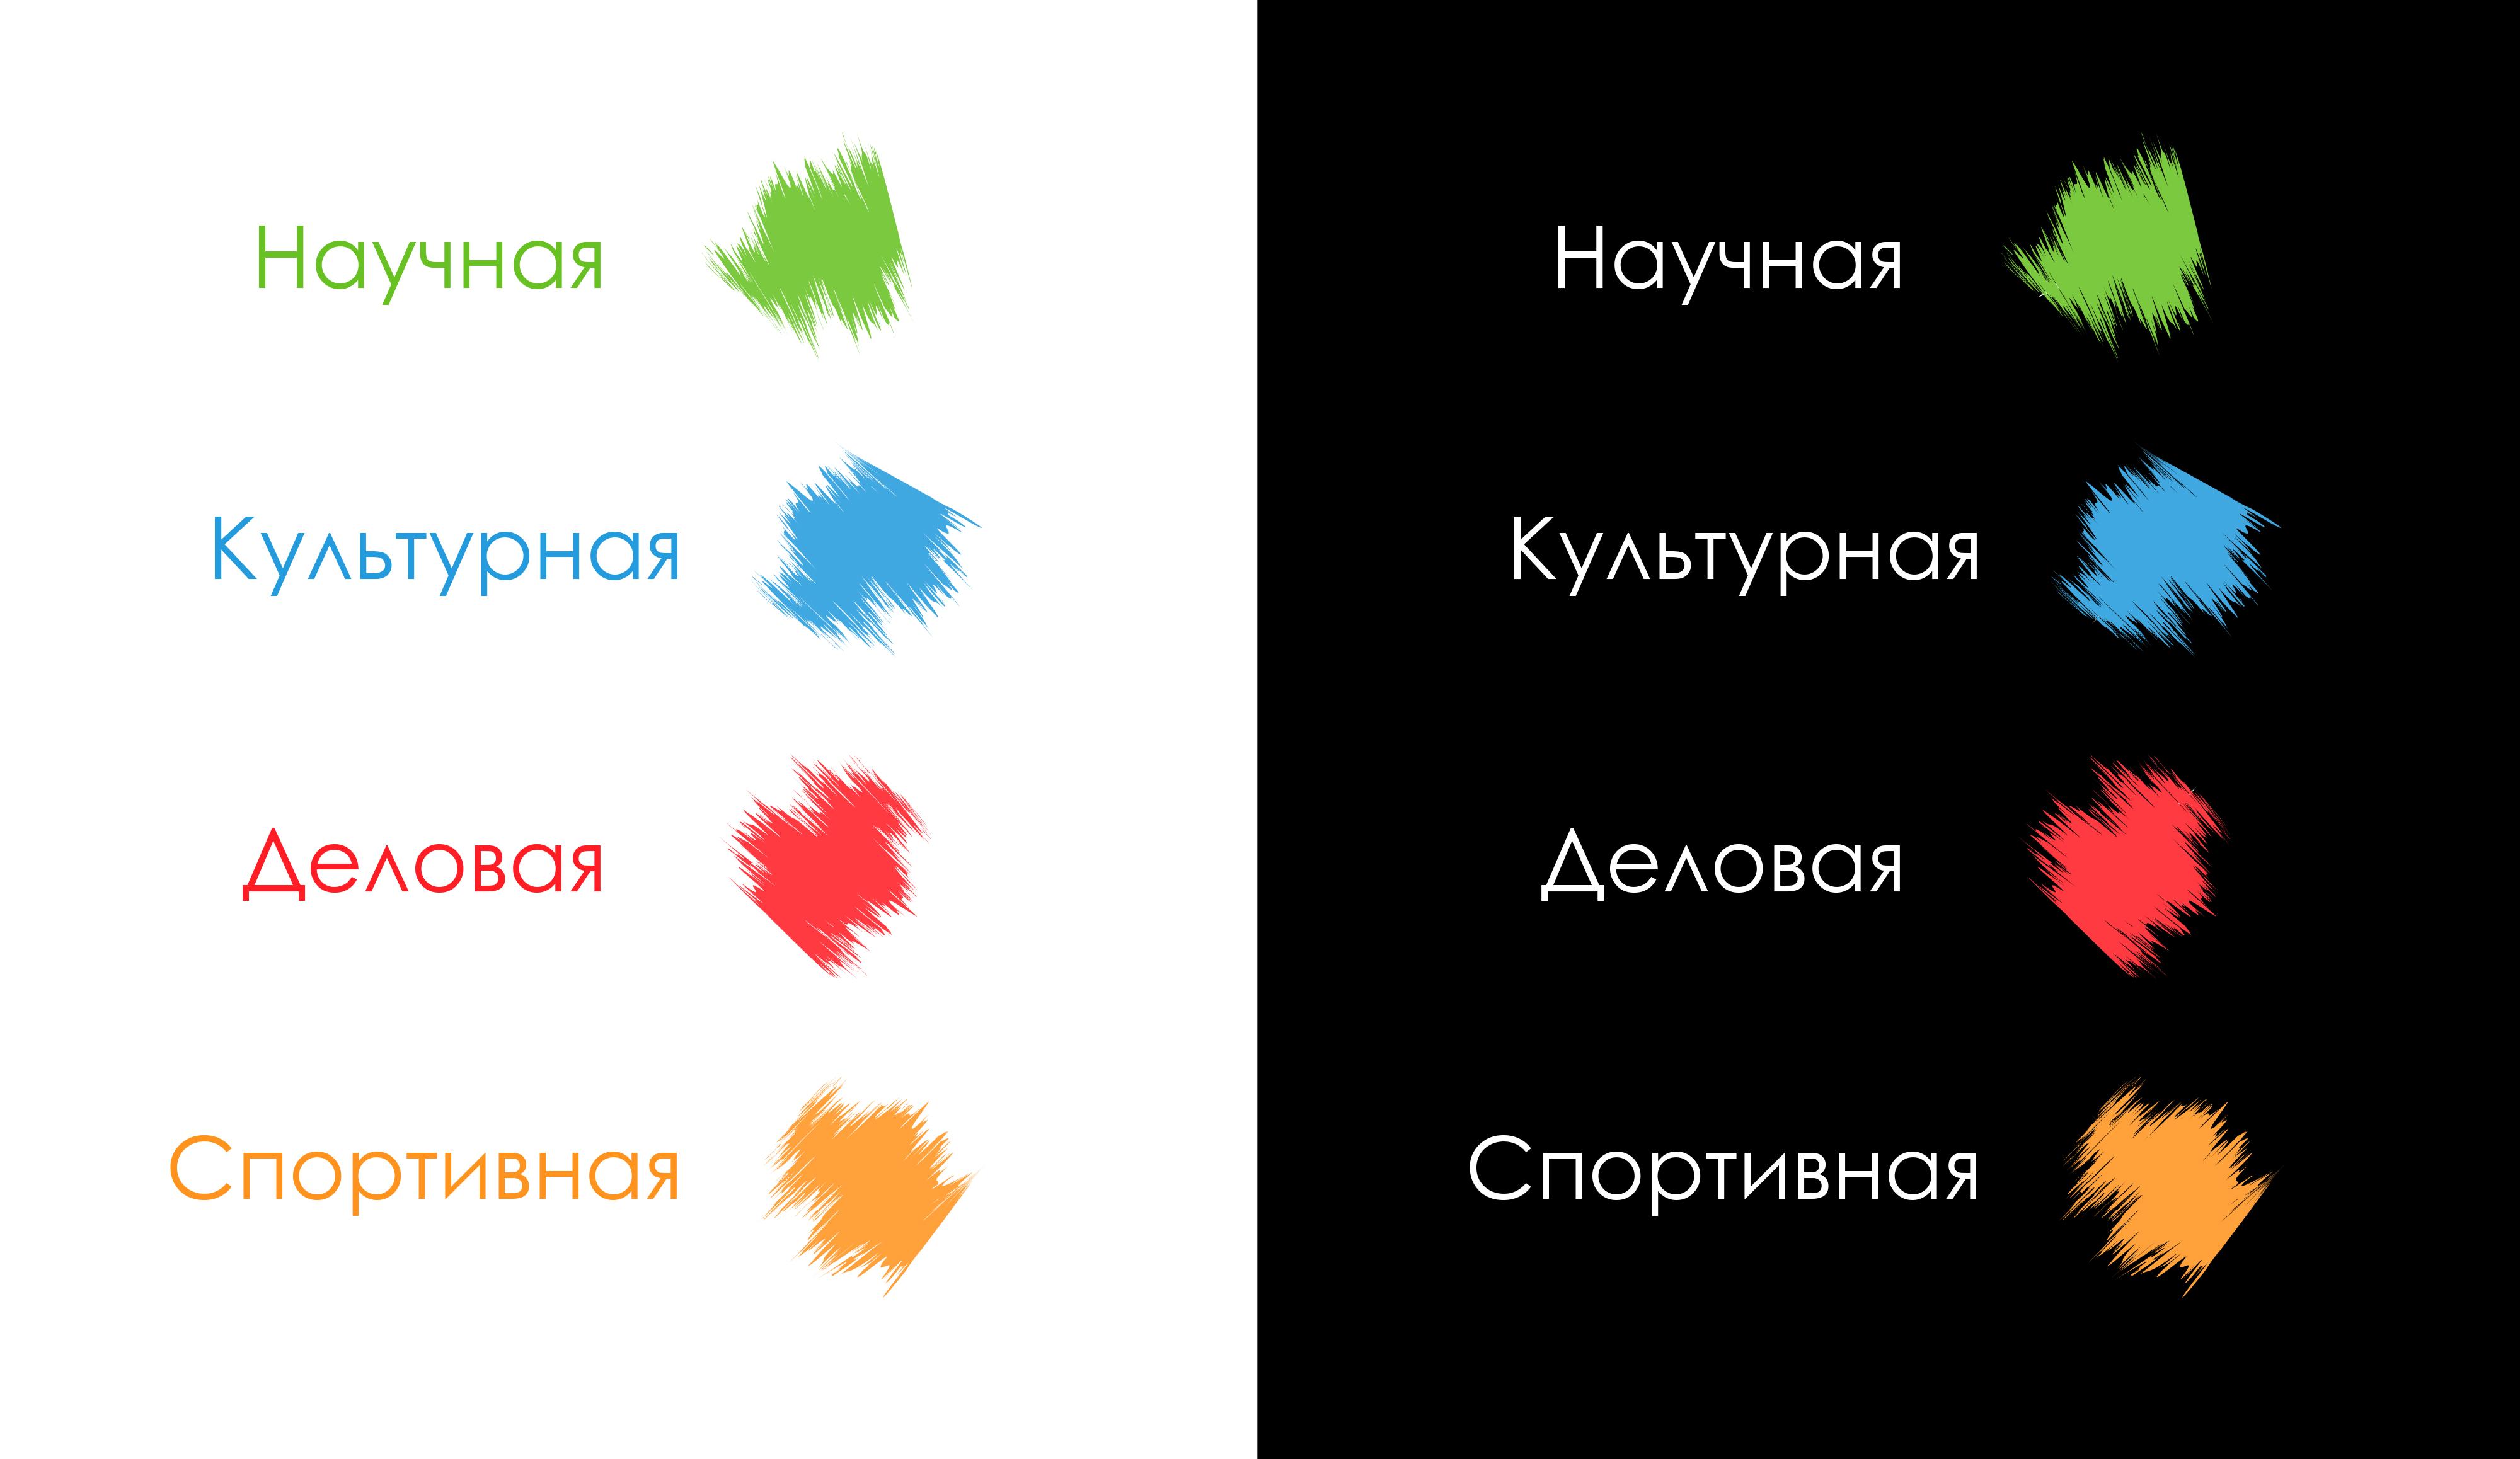 Разработка логотипа для творческого портала фото f_7765b5f597d67f37.jpg